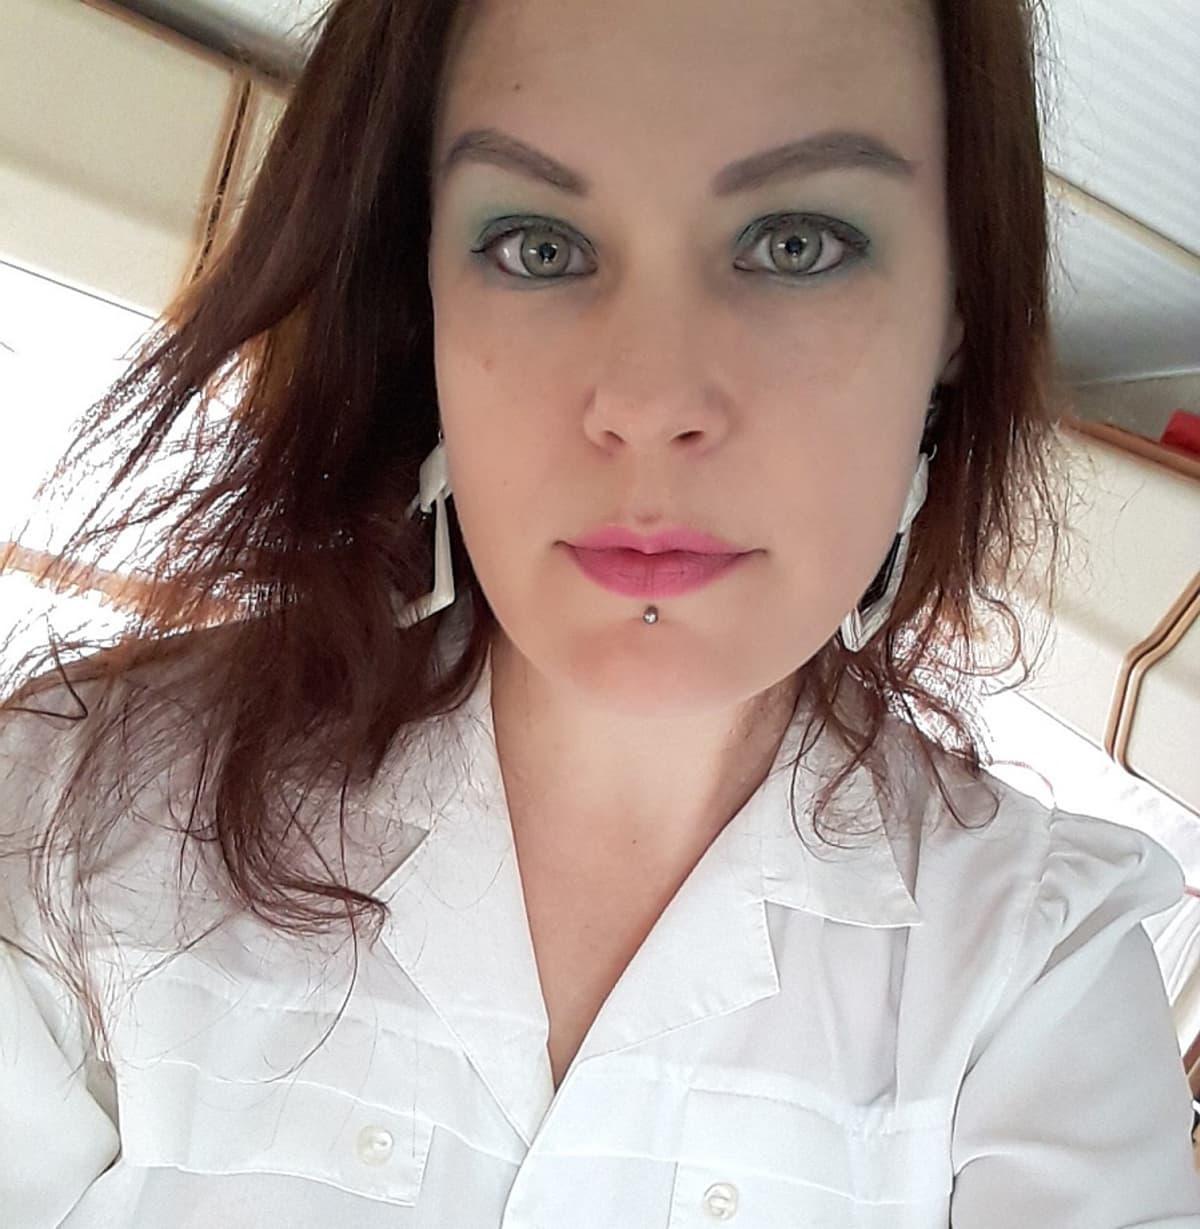 Johanna Kortesluoma